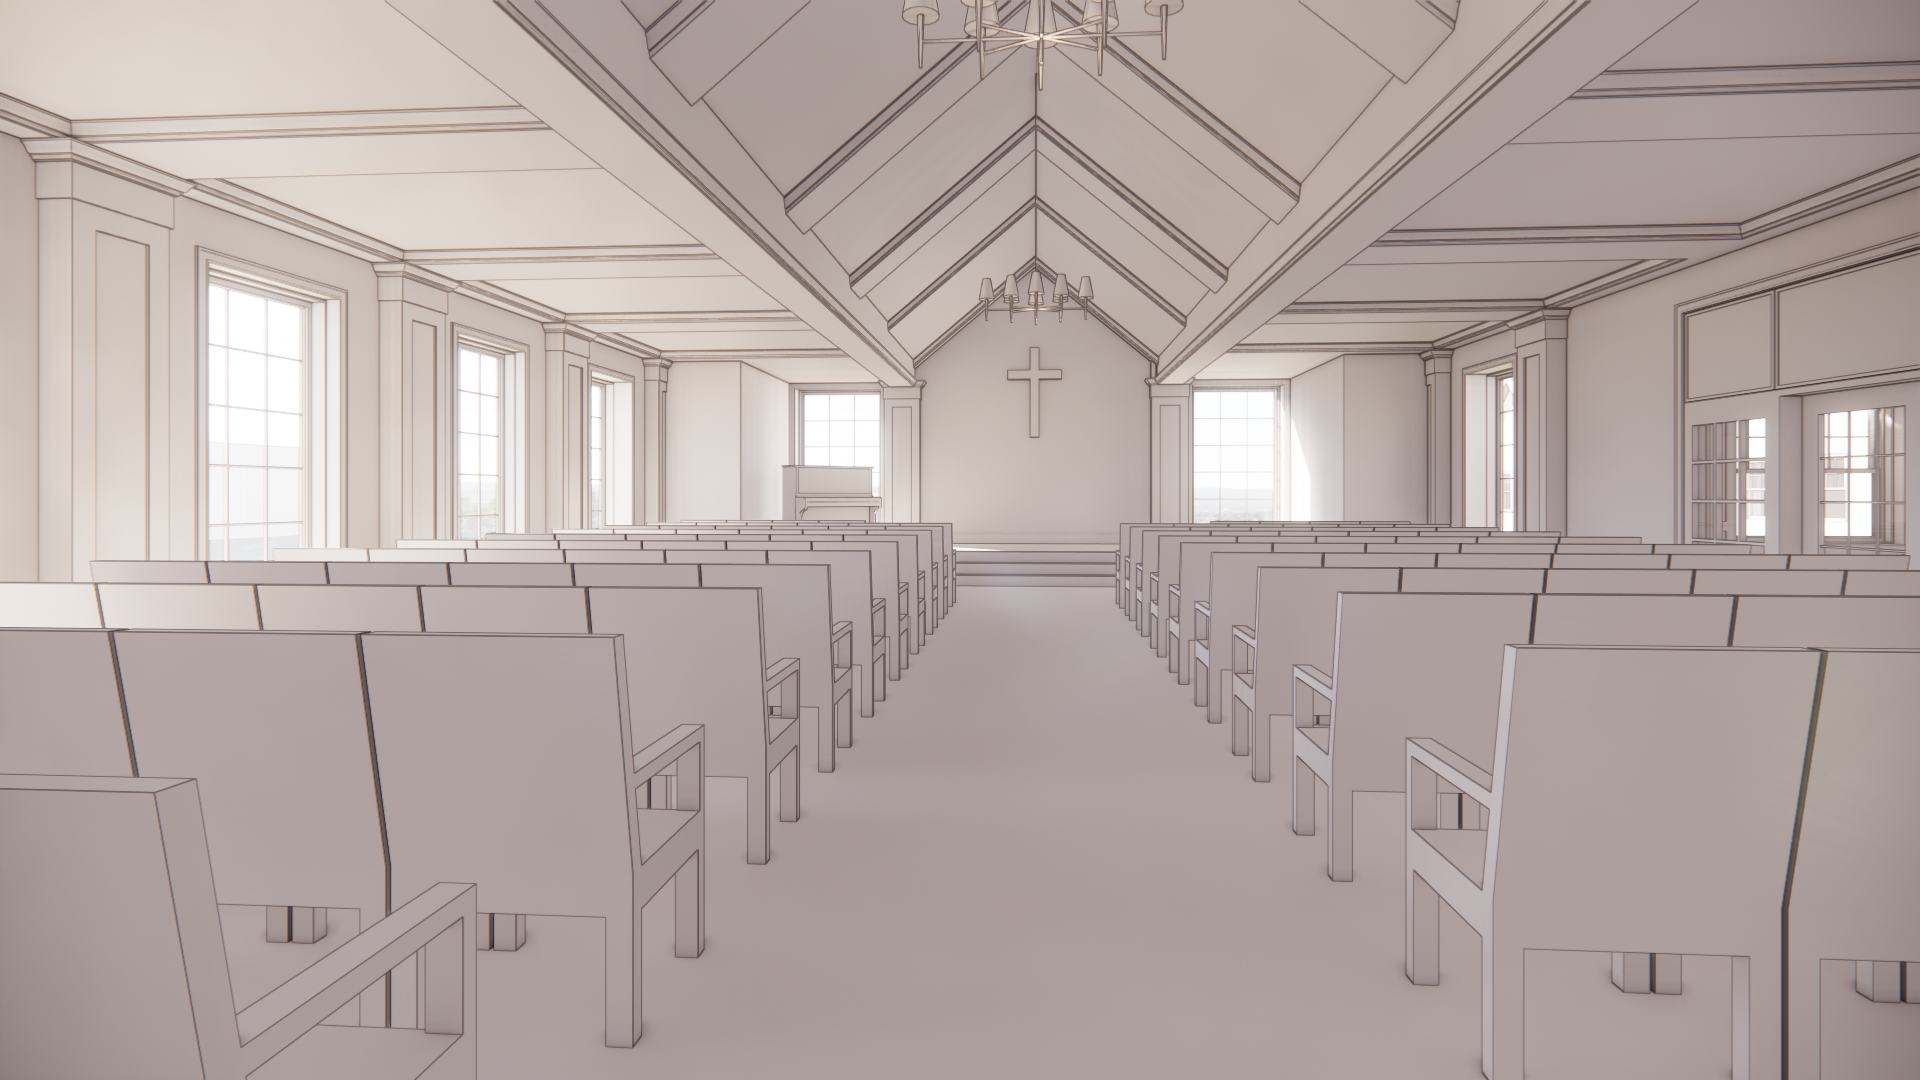 New Chapel Rendering